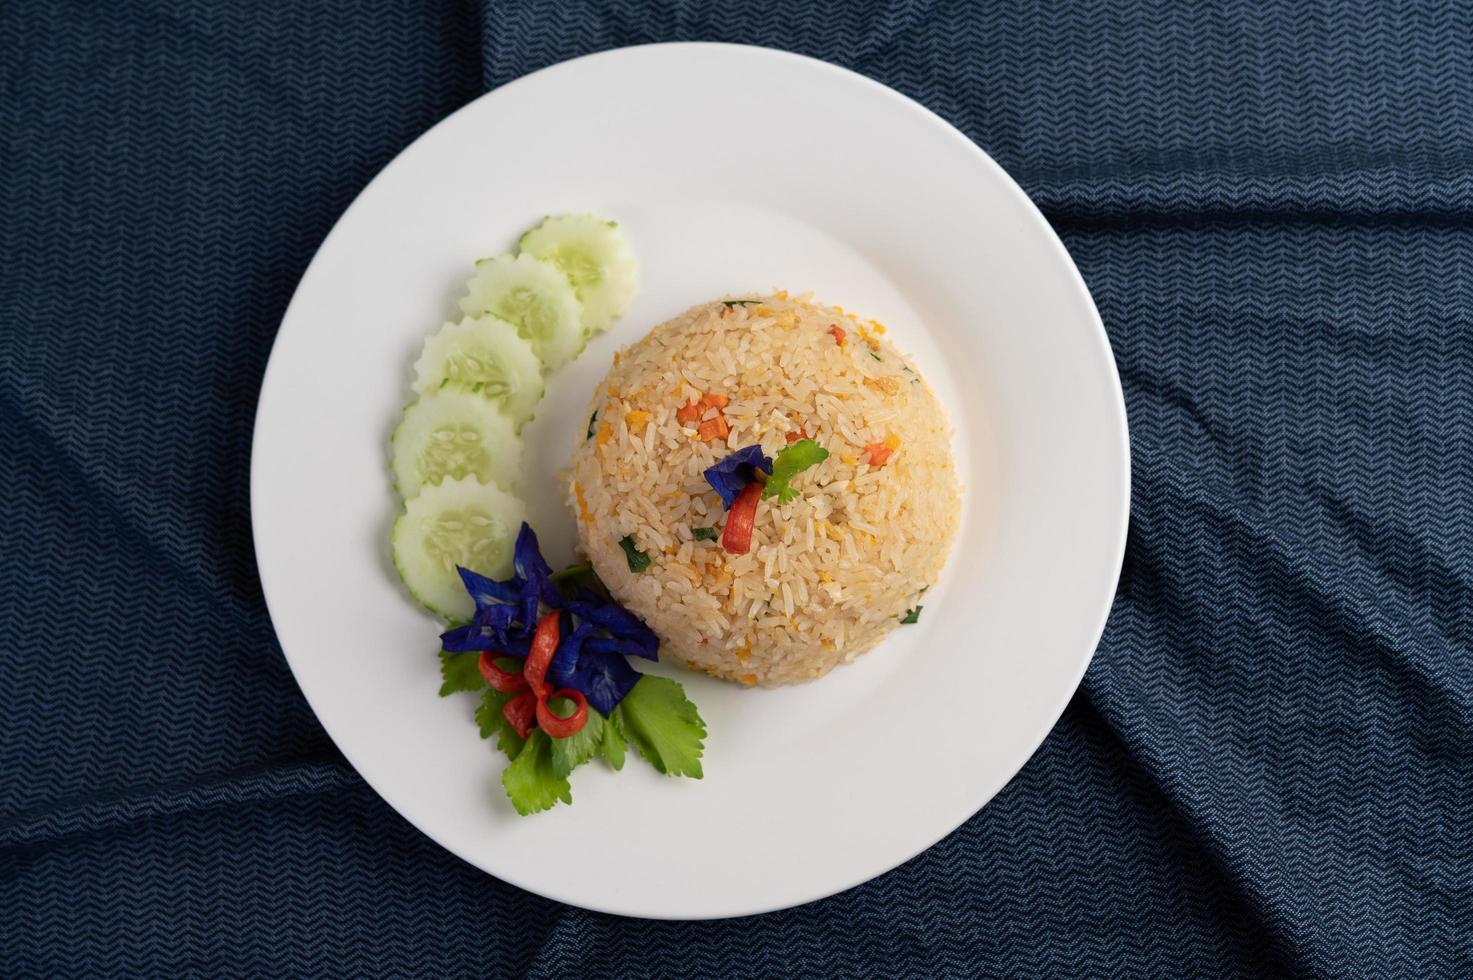 Arroz frito con huevo en un plato blanco con tela arrugada foto